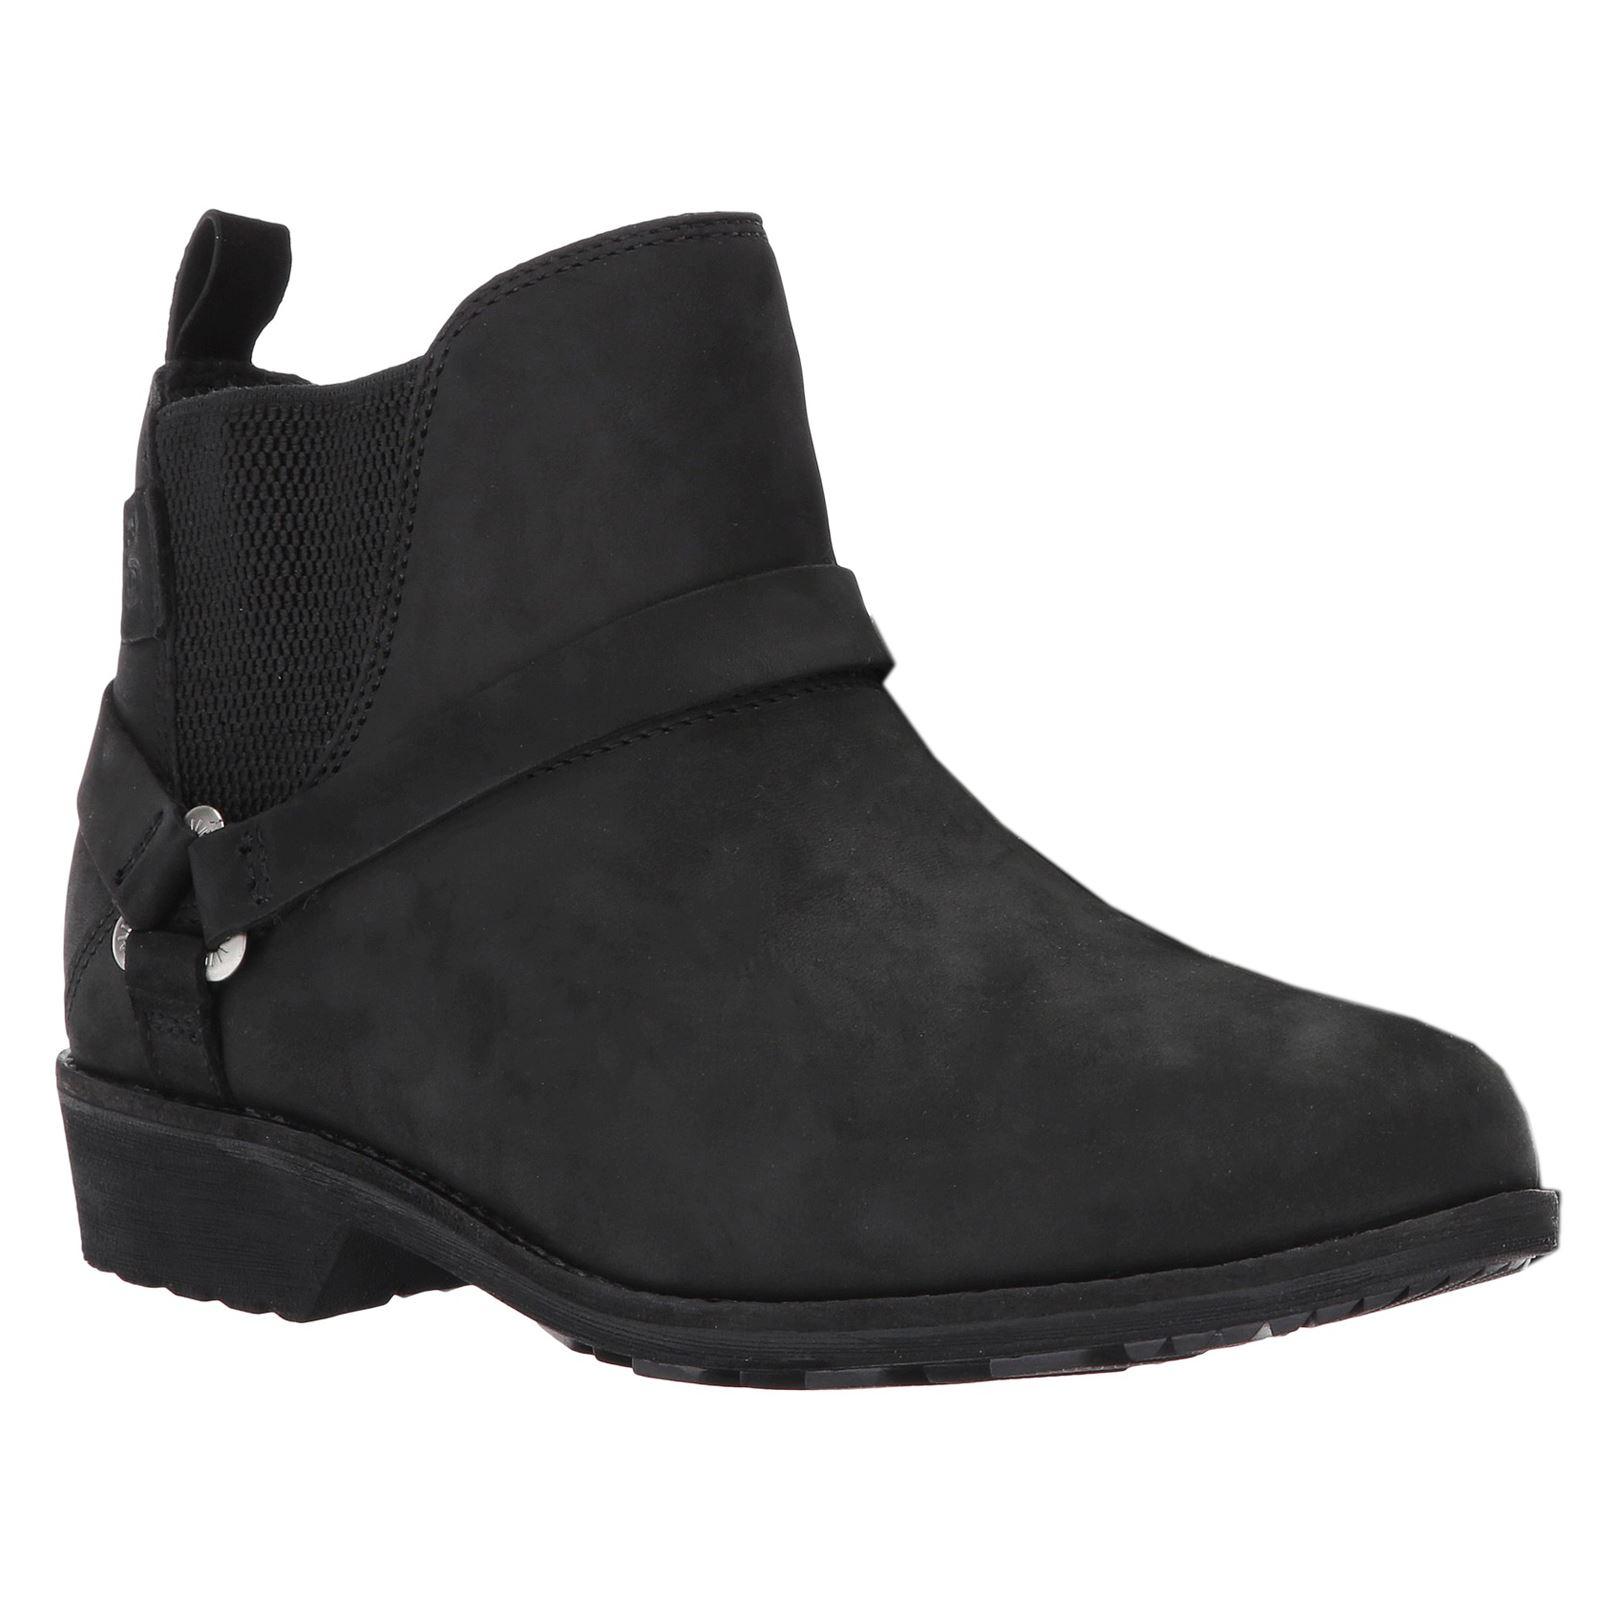 038ab51d831b0 Teva De La Vina Dos Chelsea Black Womens Leather Chelsea Ankle Boots ...